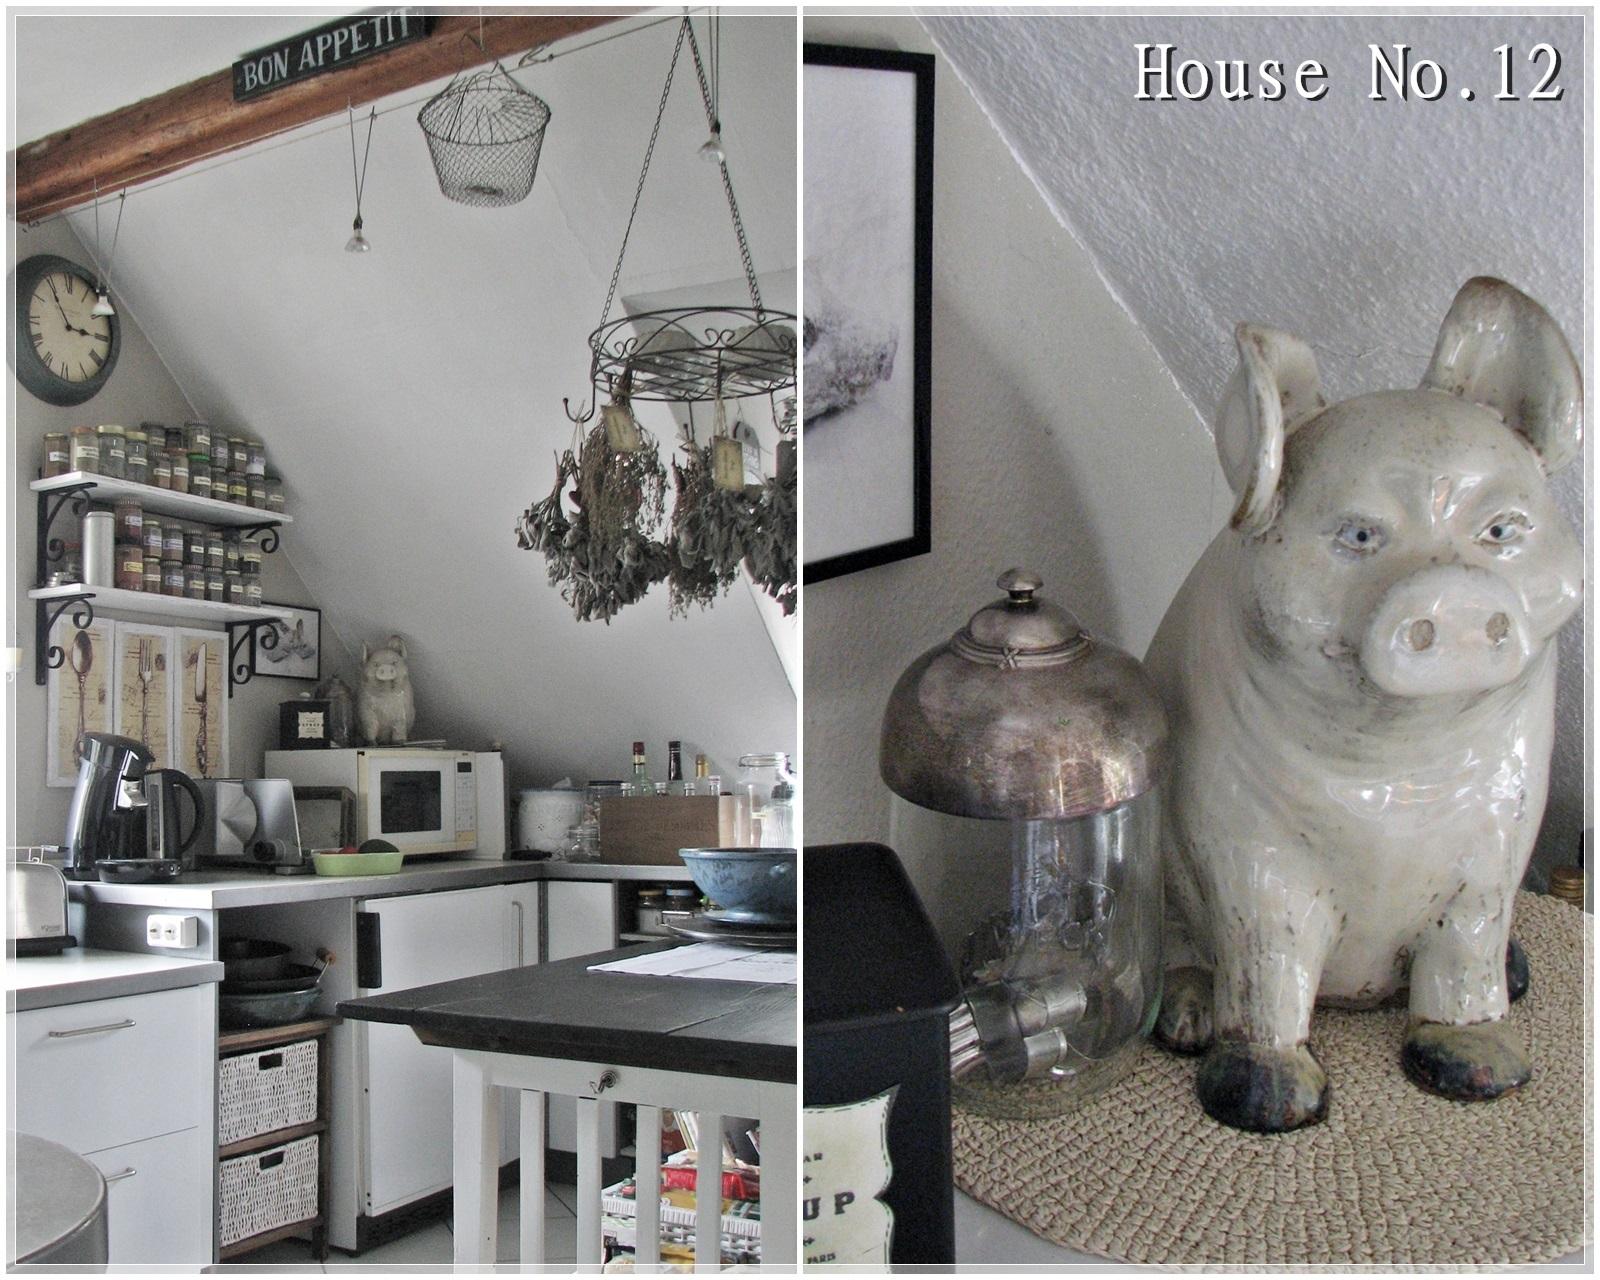 House No 12 Ich hab es an neue Küchenfronten